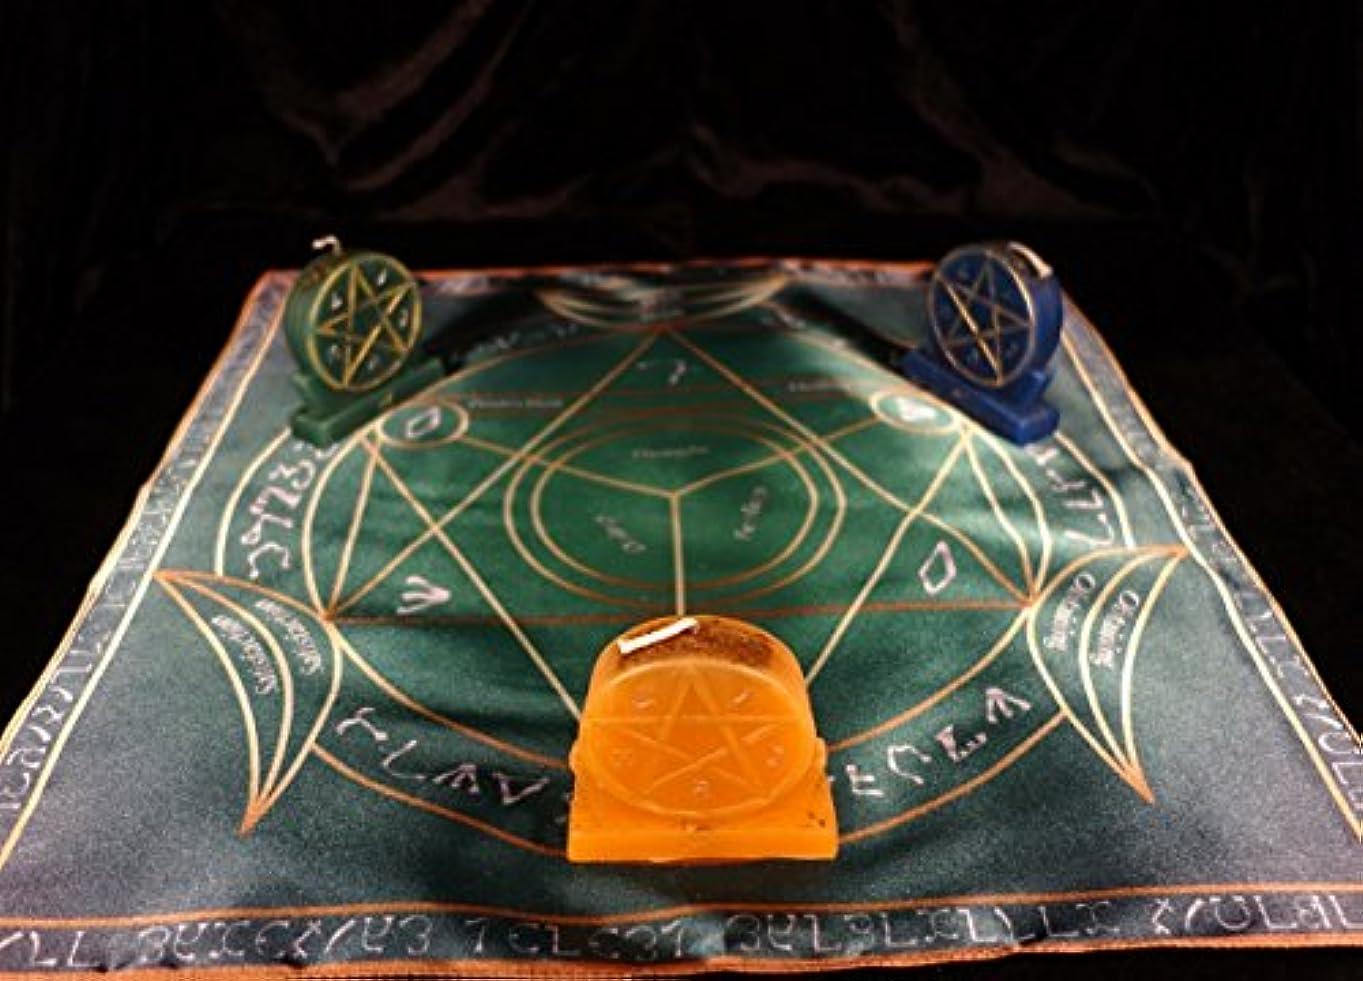 離す最初愛国的なPagan Ritual MagicウィッカMystic trikvetr Sex Appeal r-014